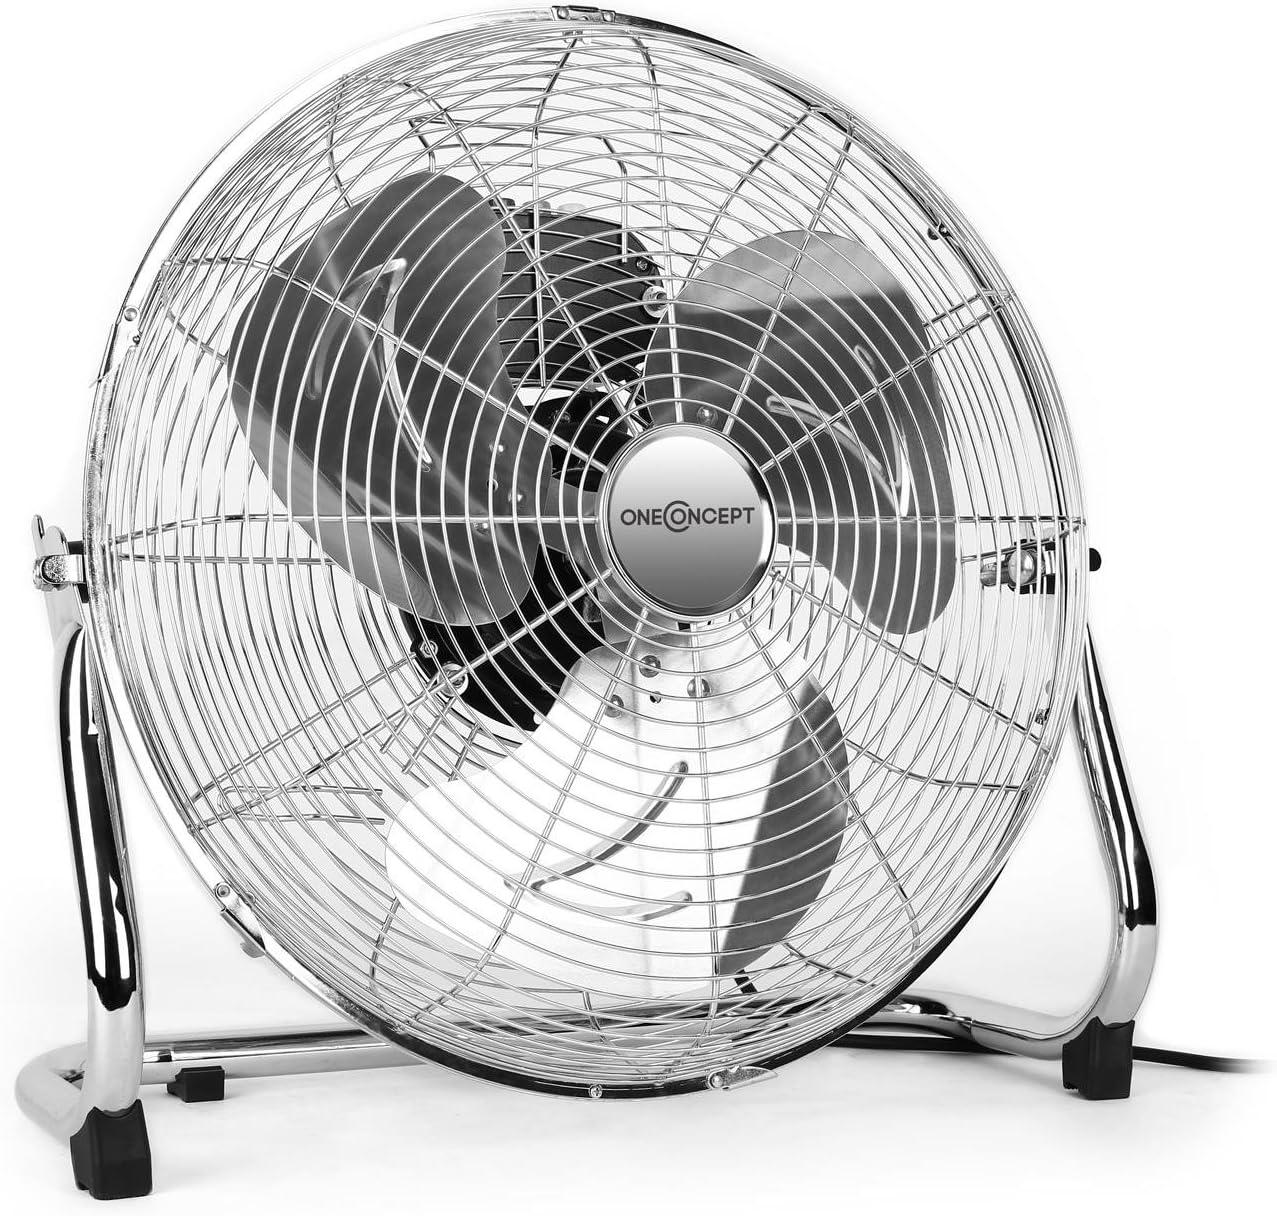 Oneconcept Metal Blizzard Ventilador de Suelo 16' 100W inclinable (3 velocidades, Rotor 41cm, asa Transporte, pies Goma Antideslizantes, Cesta de rotación y pie cromados, Ventilador Industrial)